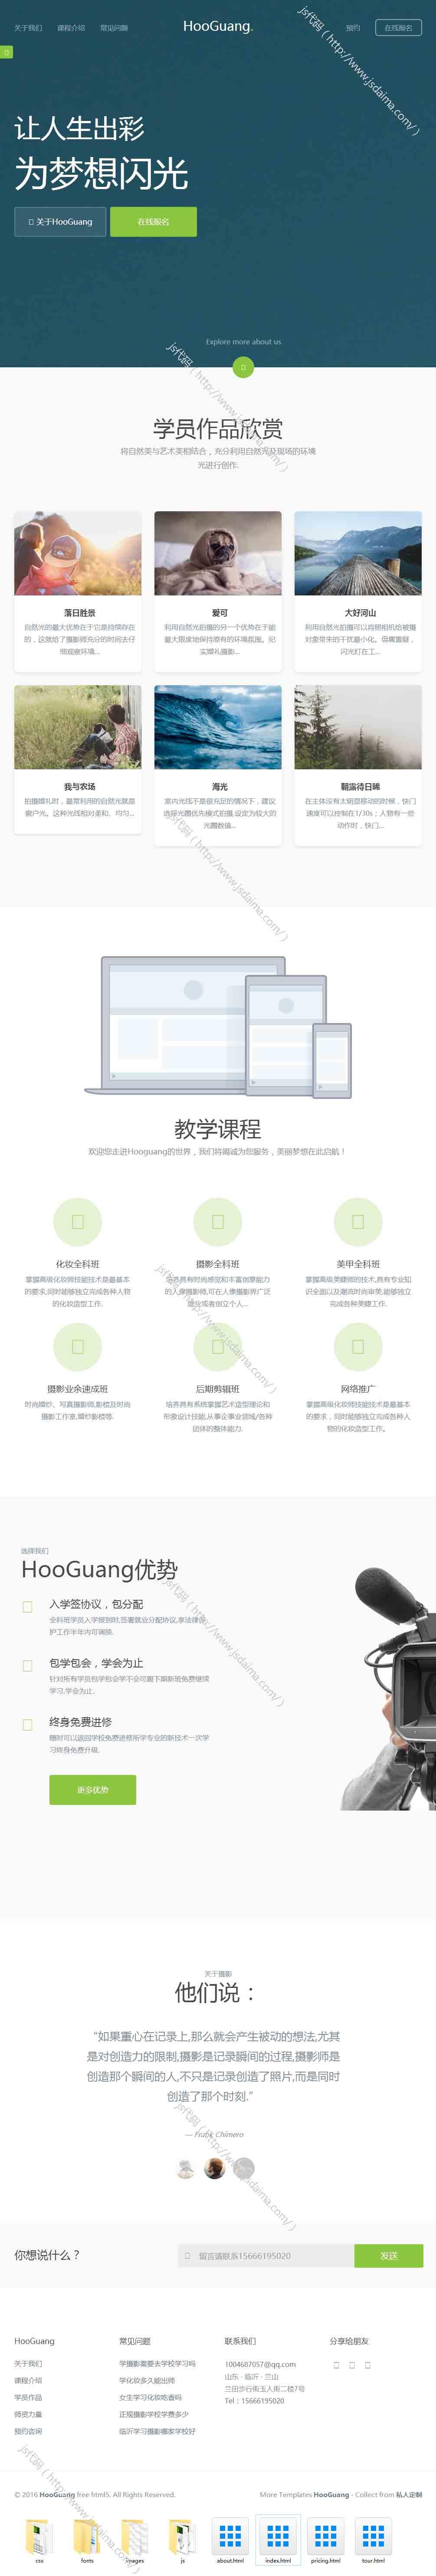 响应式宽屏大气摄影培训企业公司网站模板下载